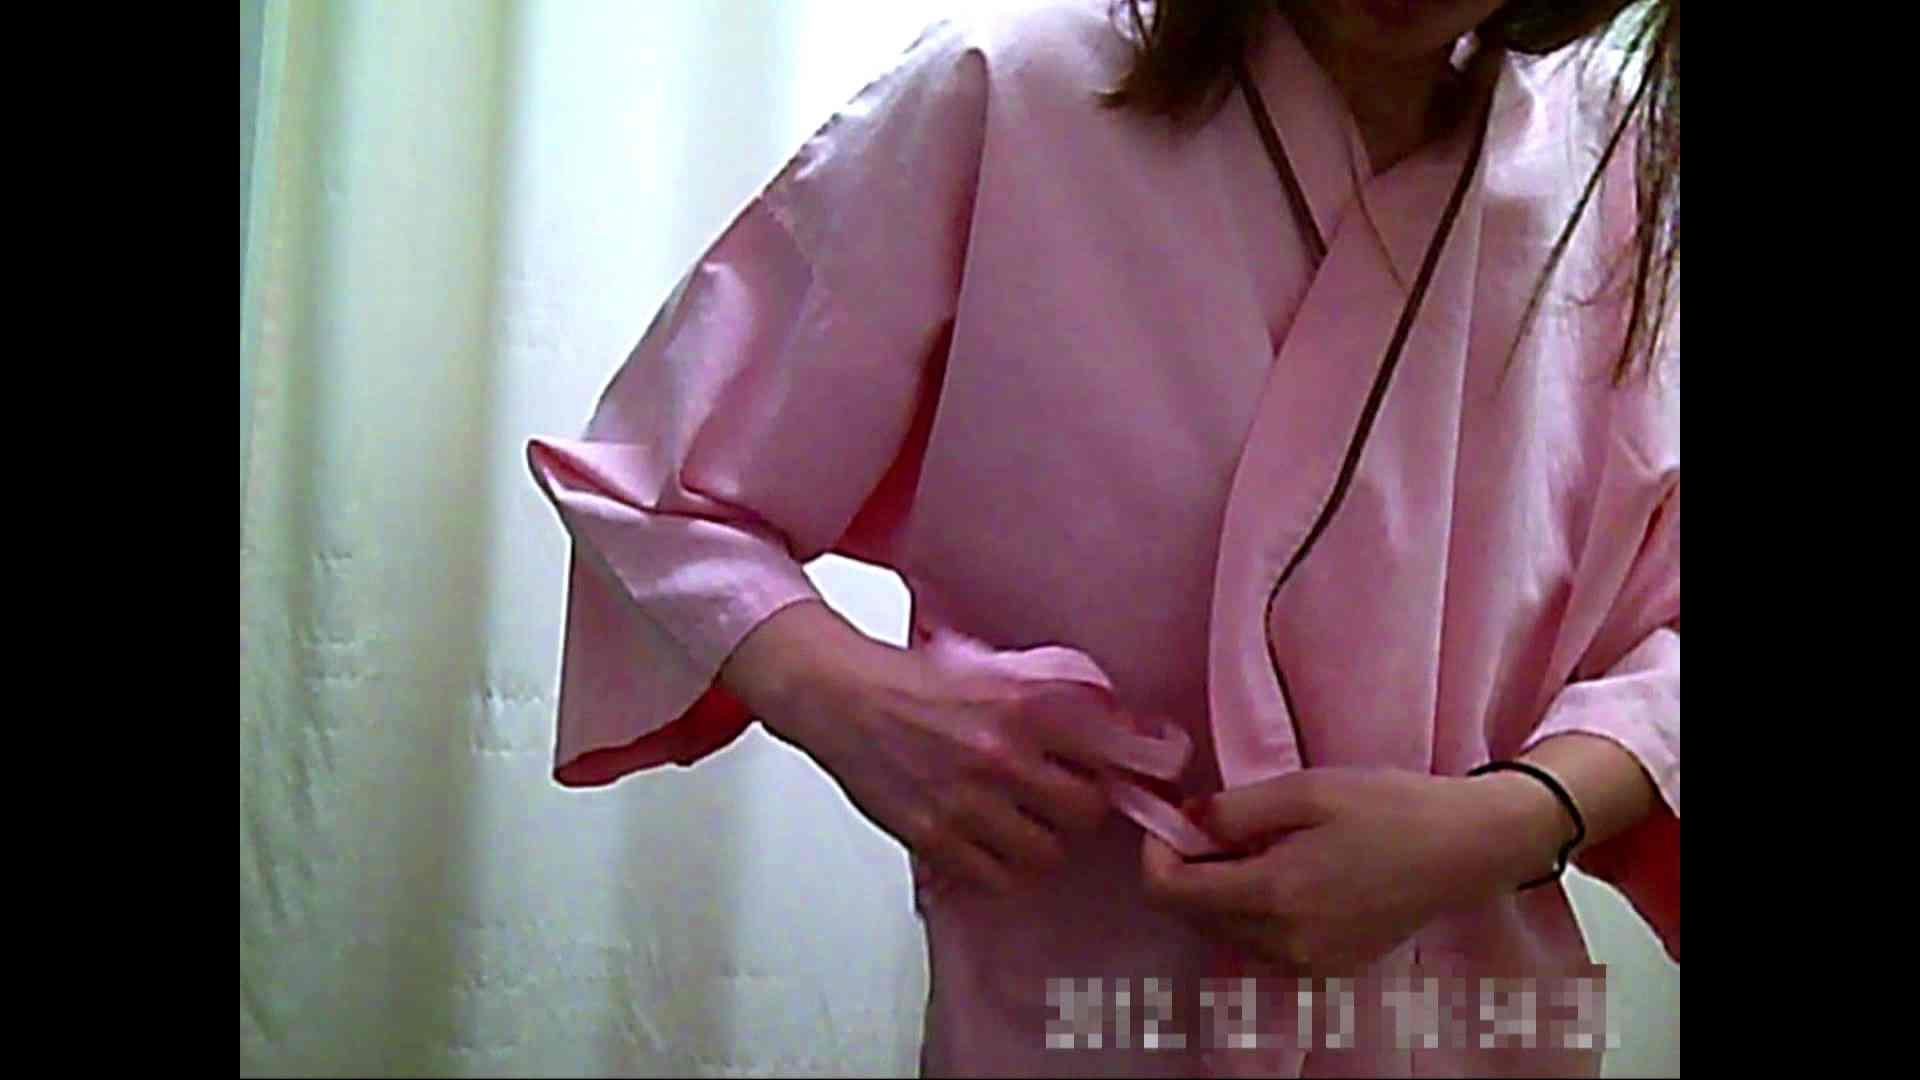 病院おもいっきり着替え! vol.176 乳首 のぞき動画キャプチャ 65画像 37